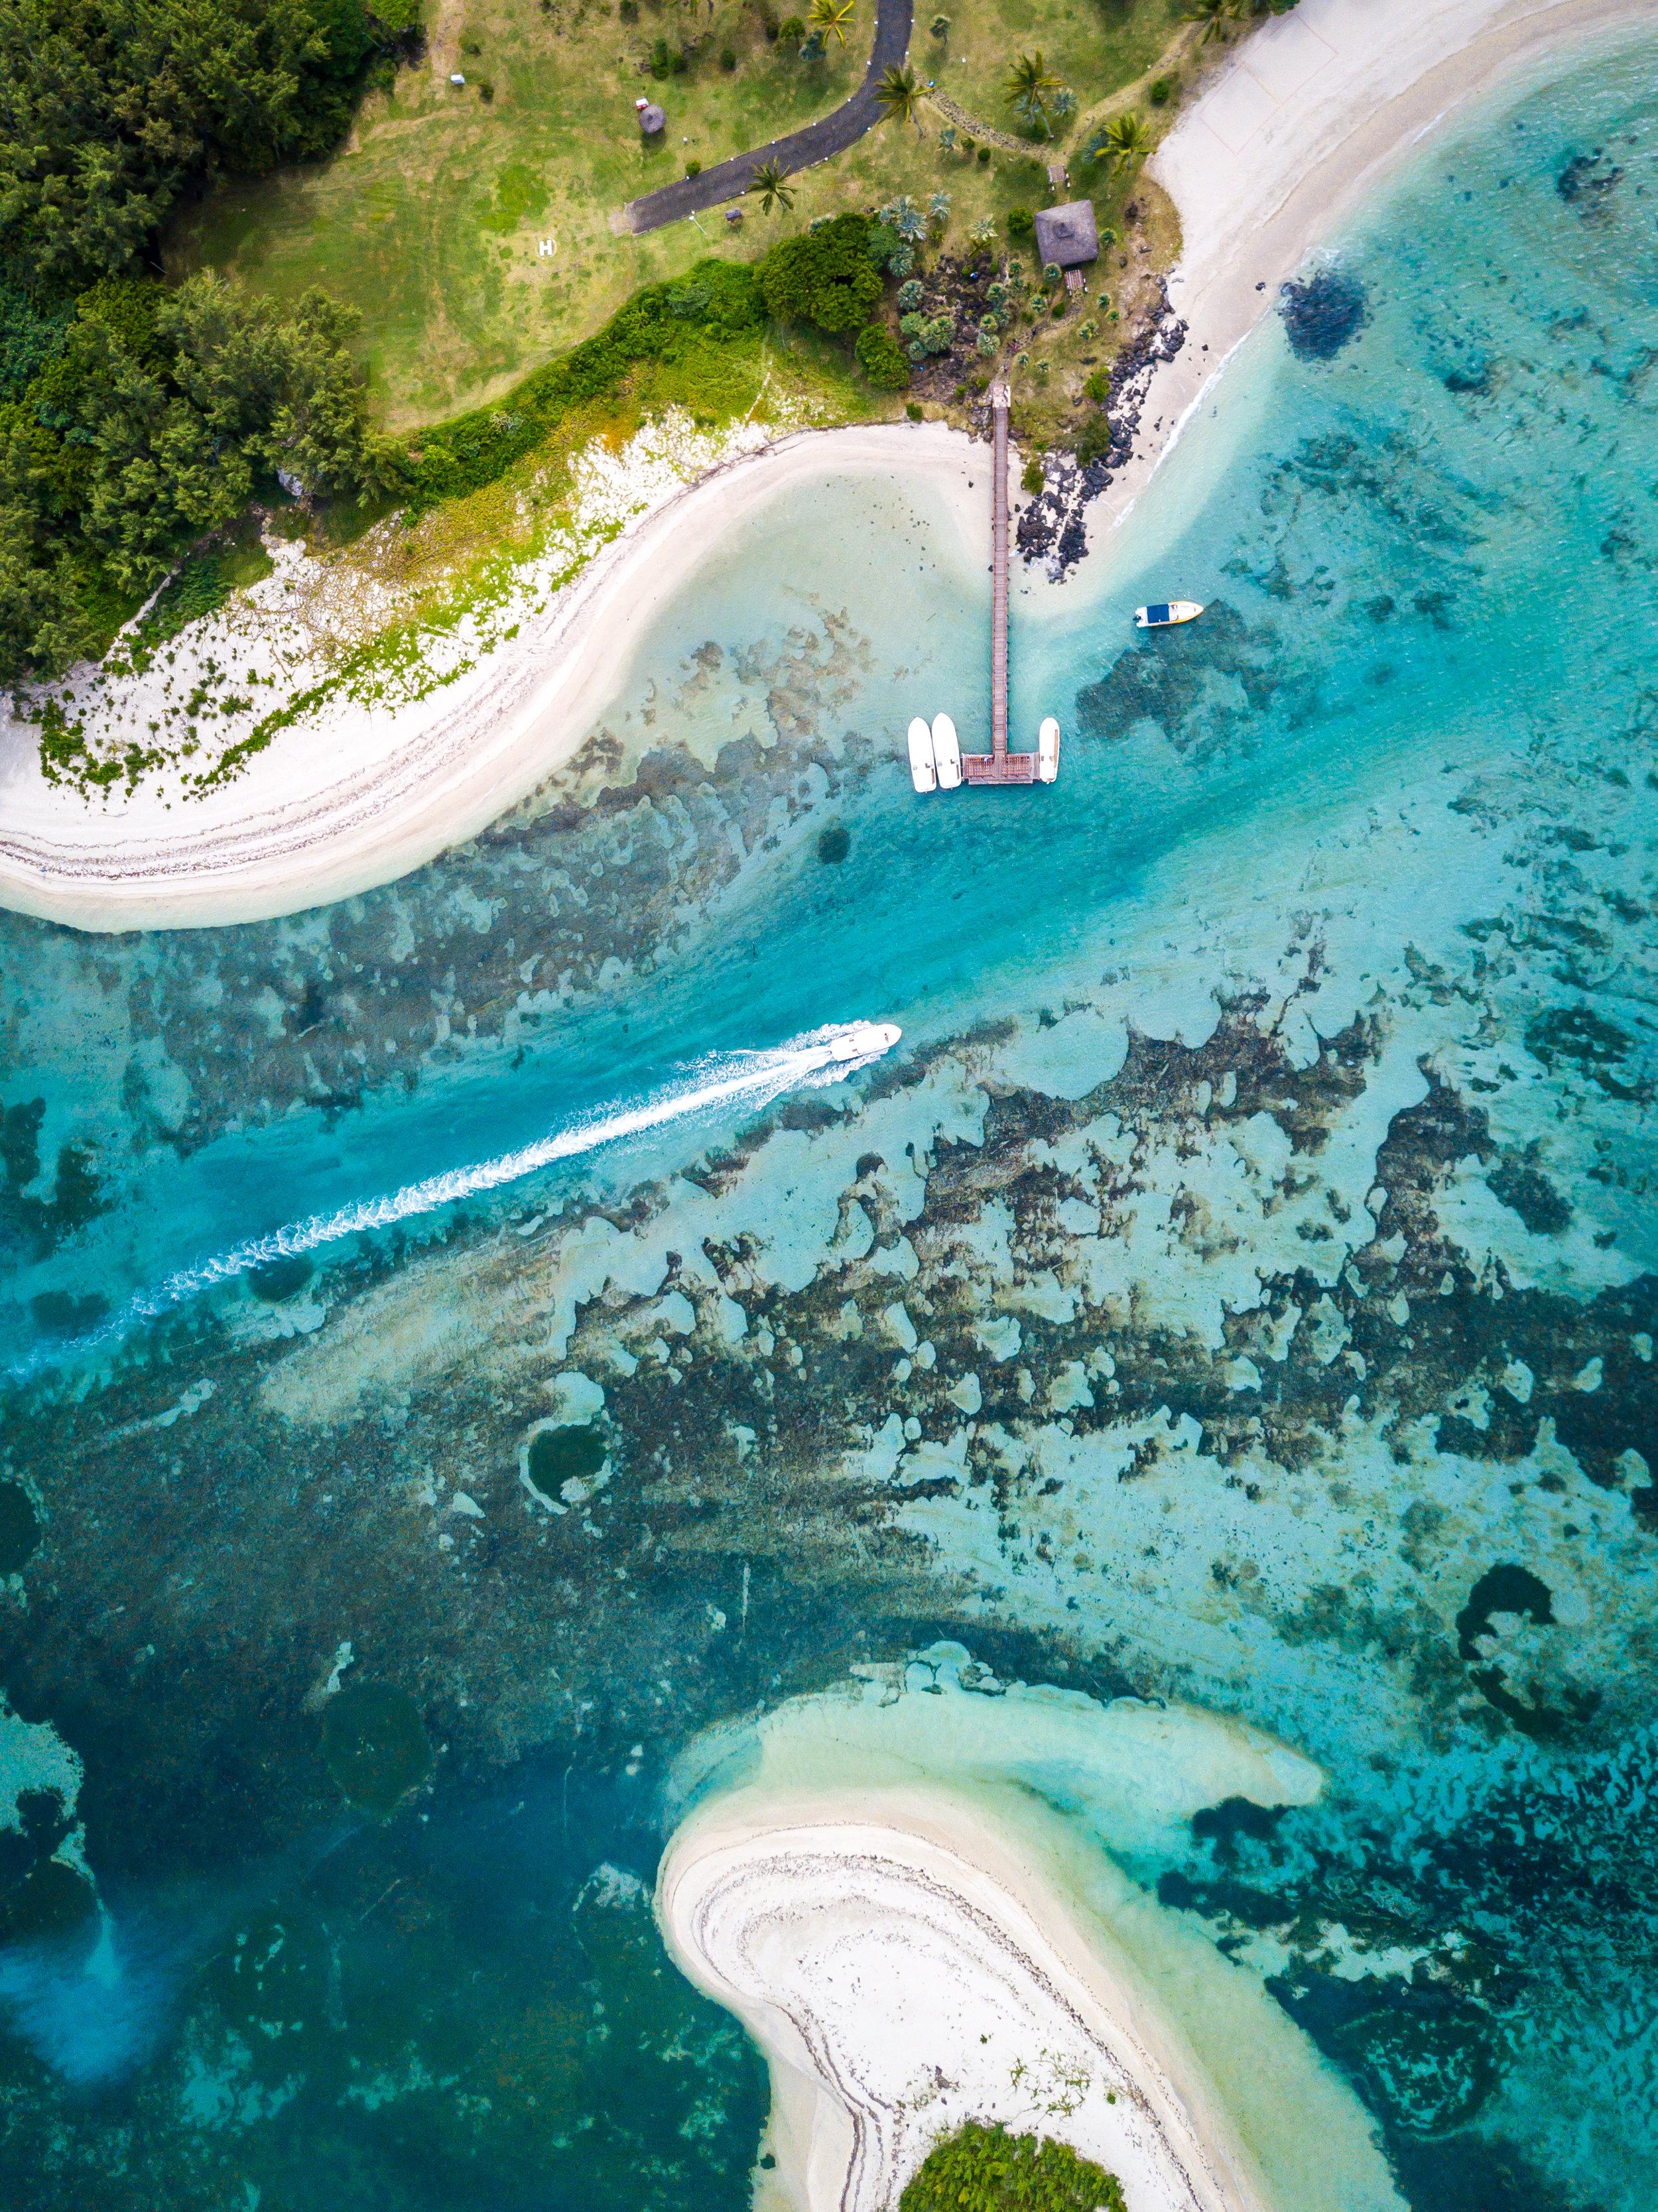 Blue Lagoon - Ile Aux Cerfs, Mauritius